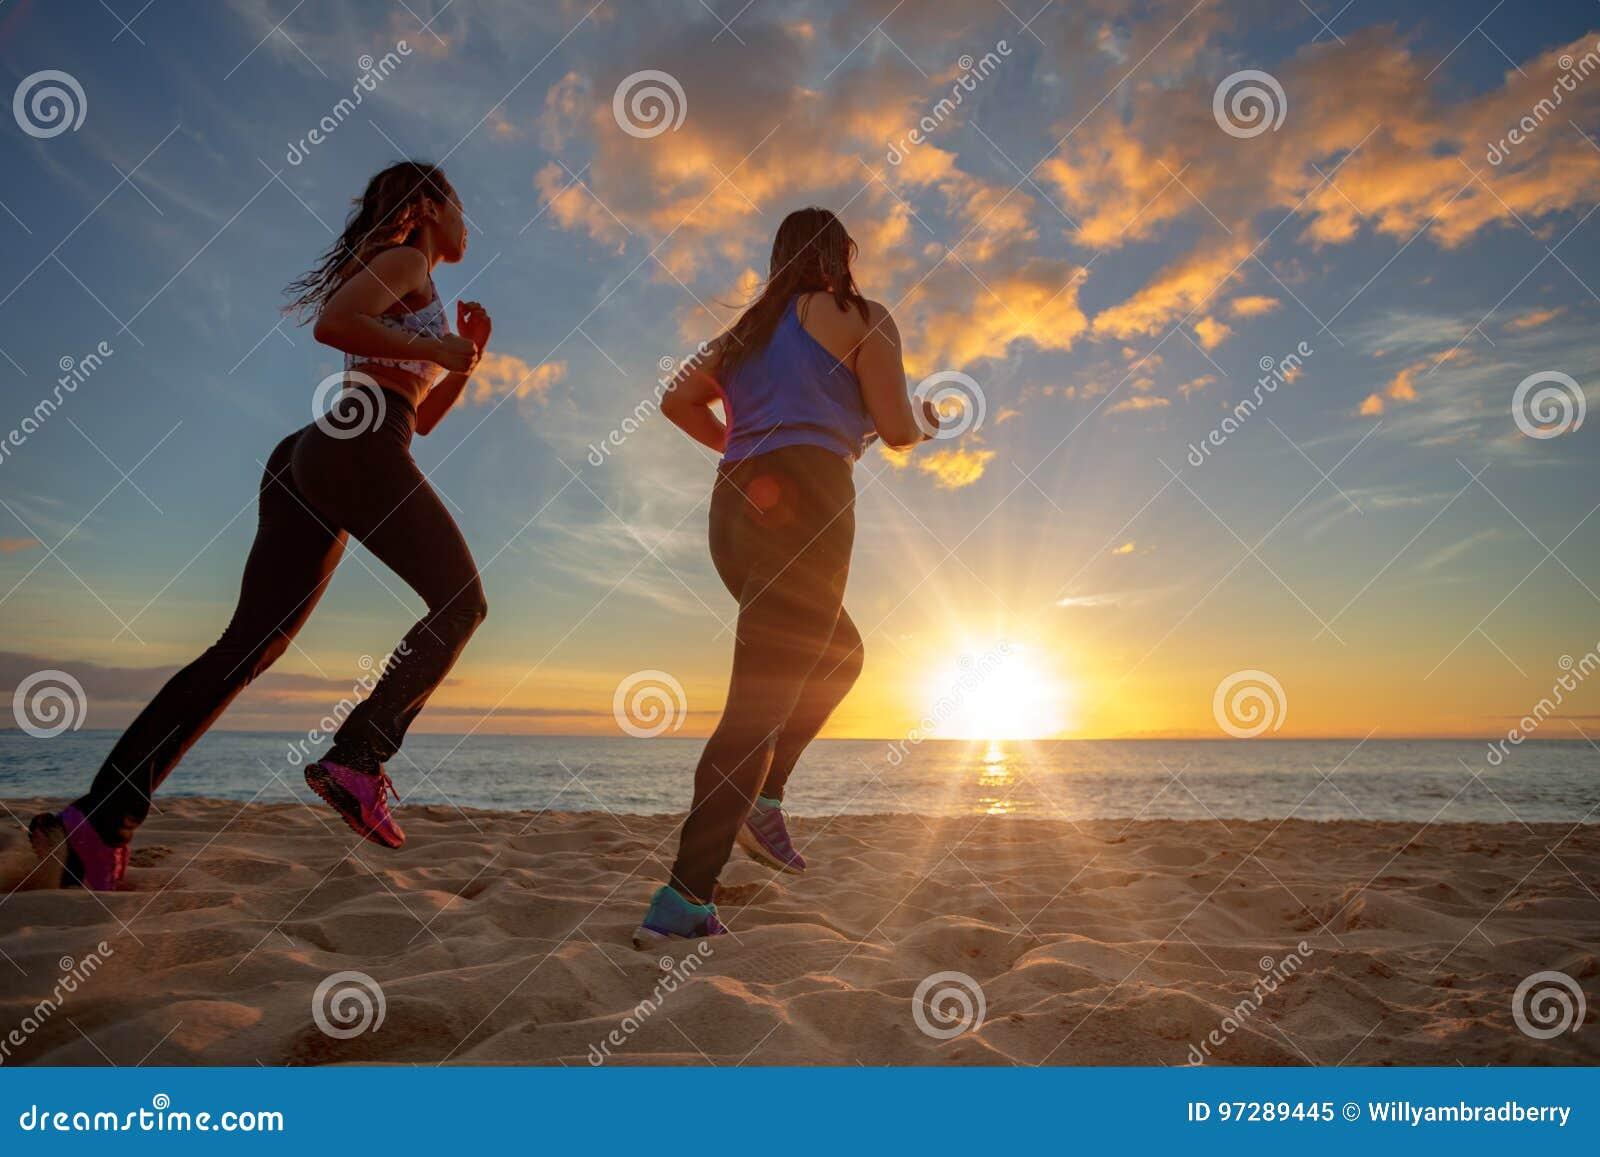 Παραλία δύο ηλιοβασιλέματος κατάλληλα κορίτσια jogginr στην άμμο